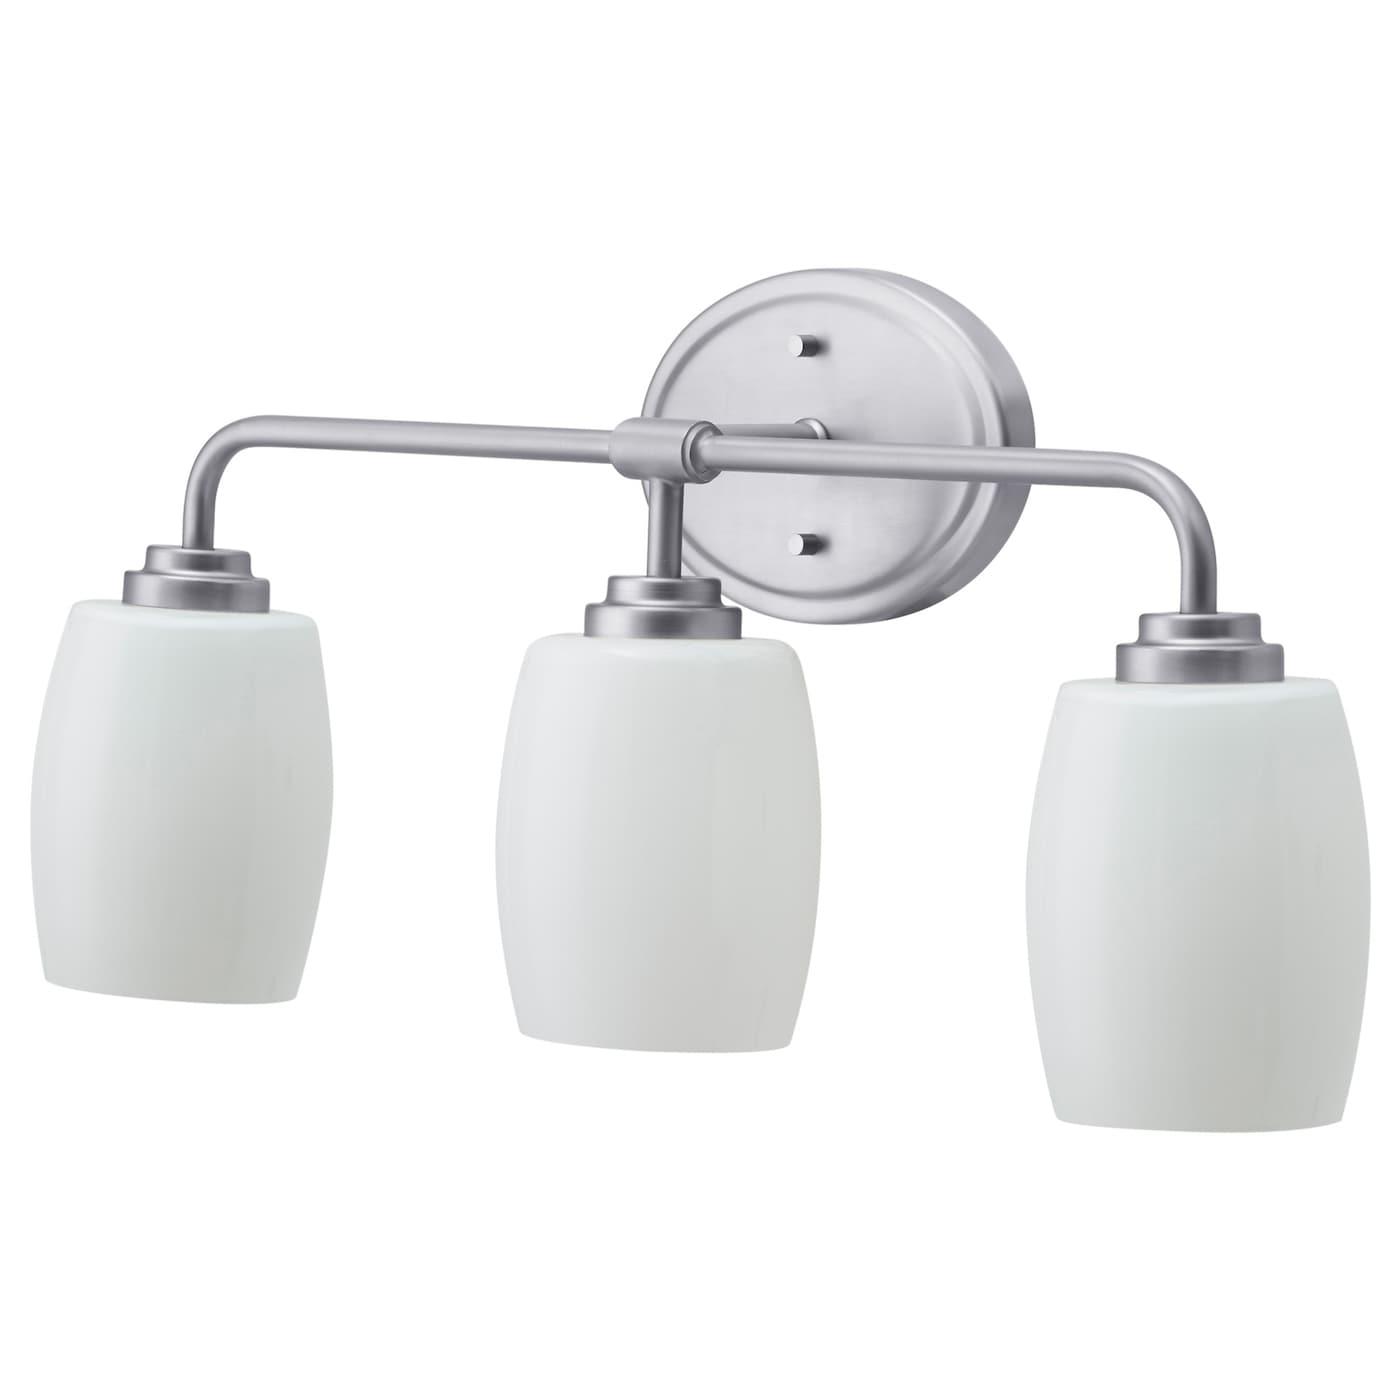 Vallmora Wall Lamp 3 Spots Nickel Plated Ikea